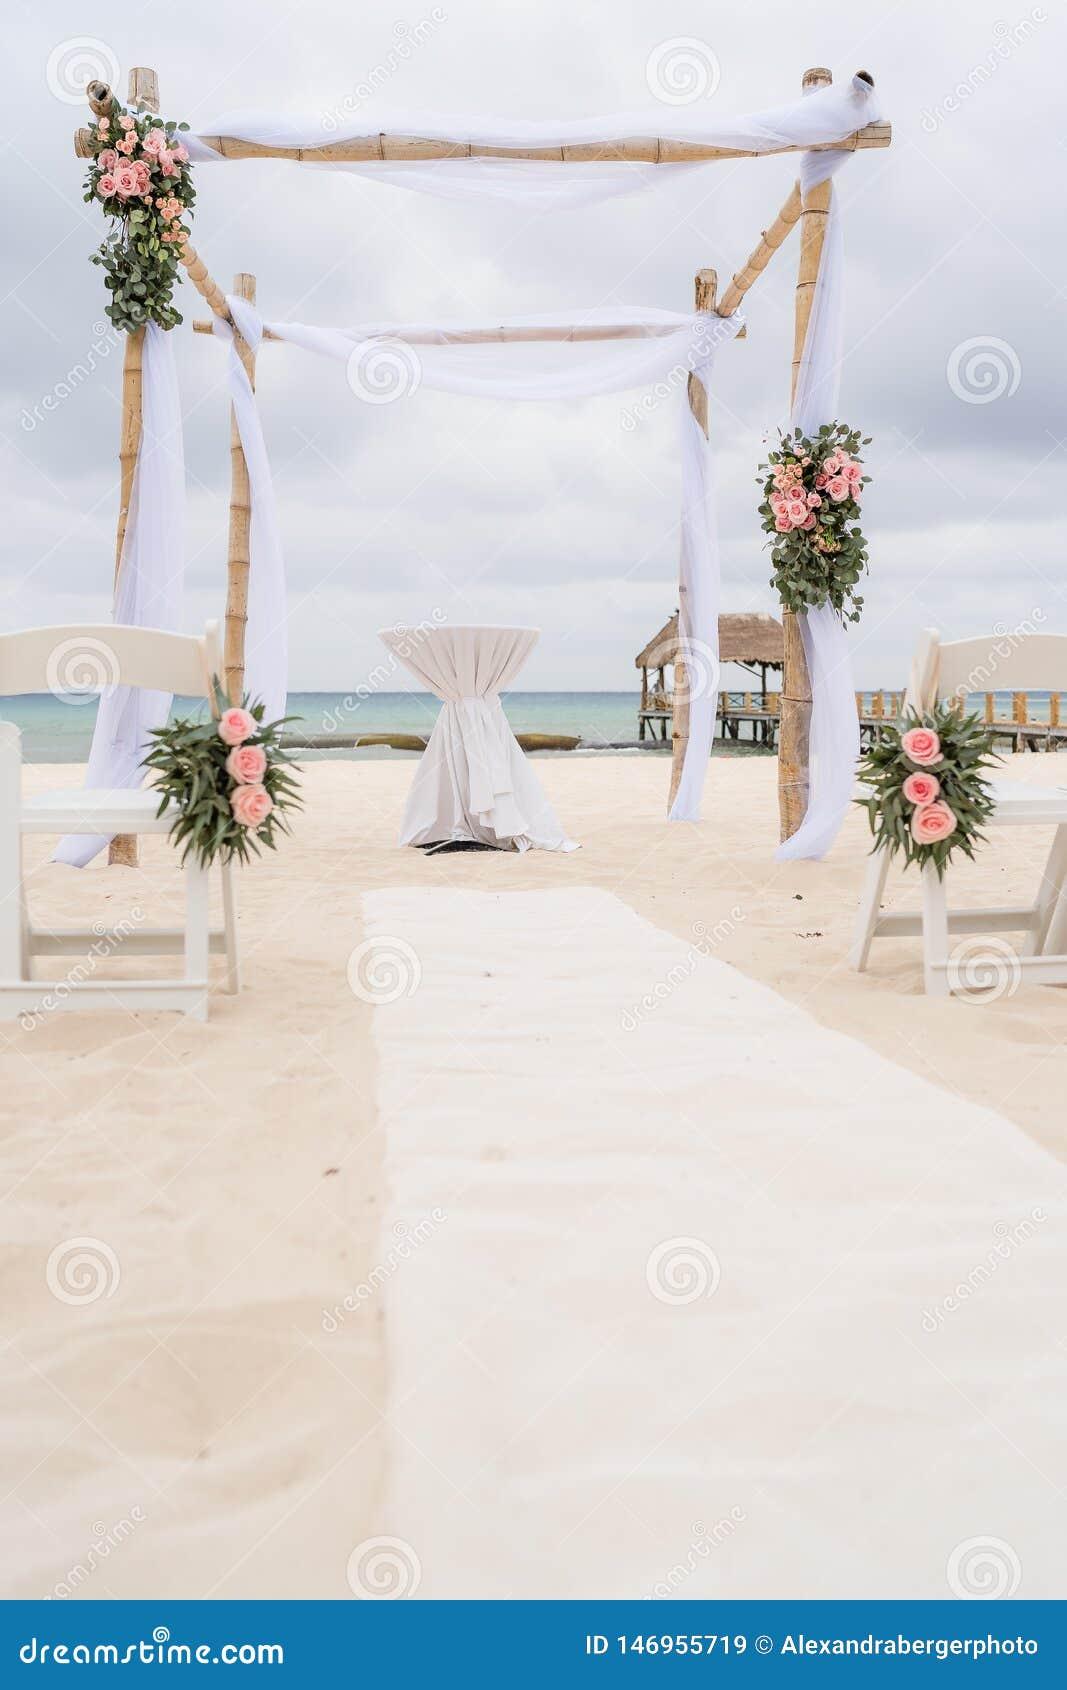 Decoración romántica de un pabellón de una boda de playa en la playa con el mar en el fondo y el cielo nublado